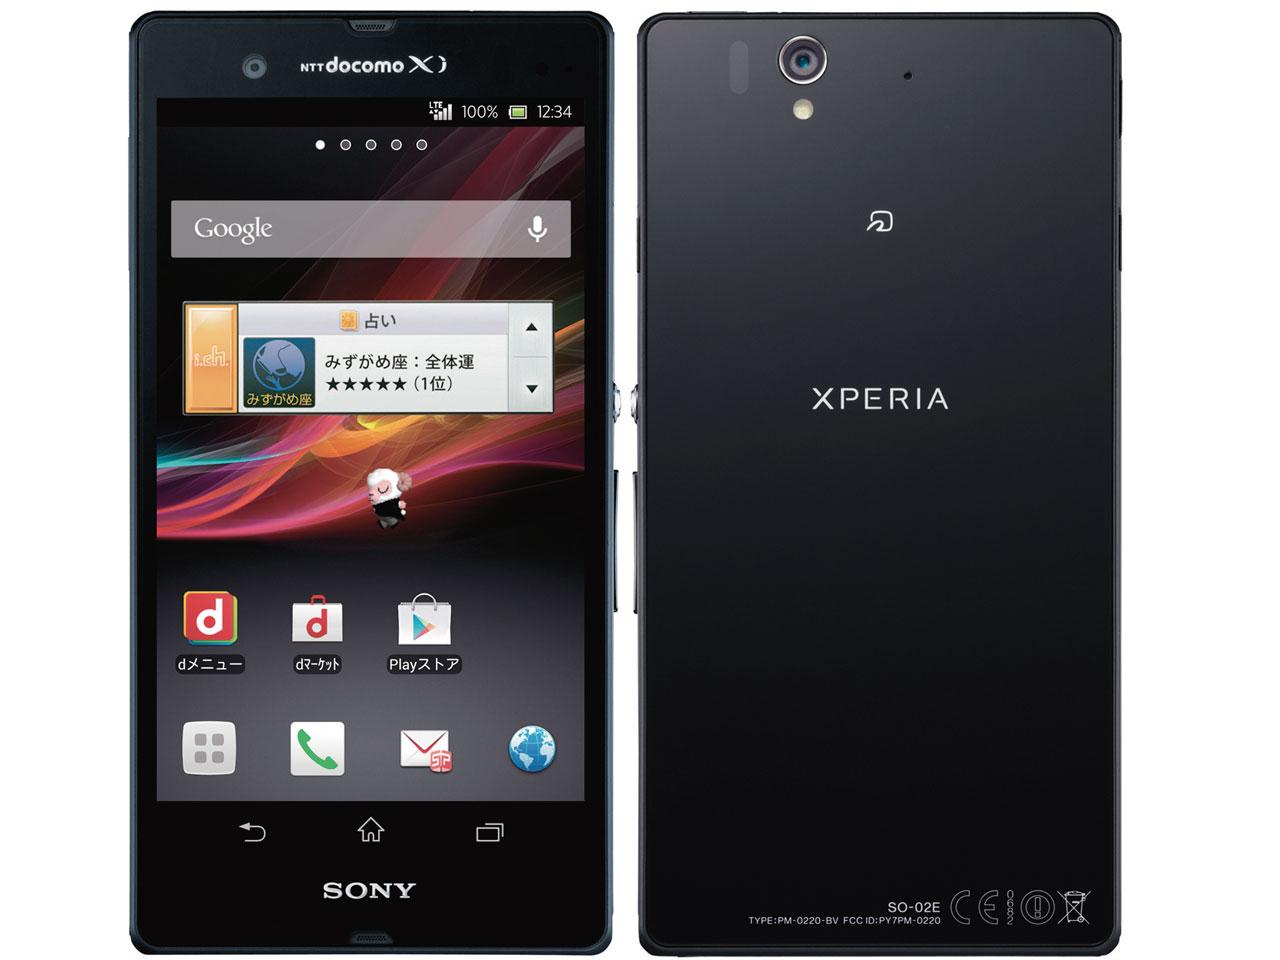 SONY Xperia Z 製品画像